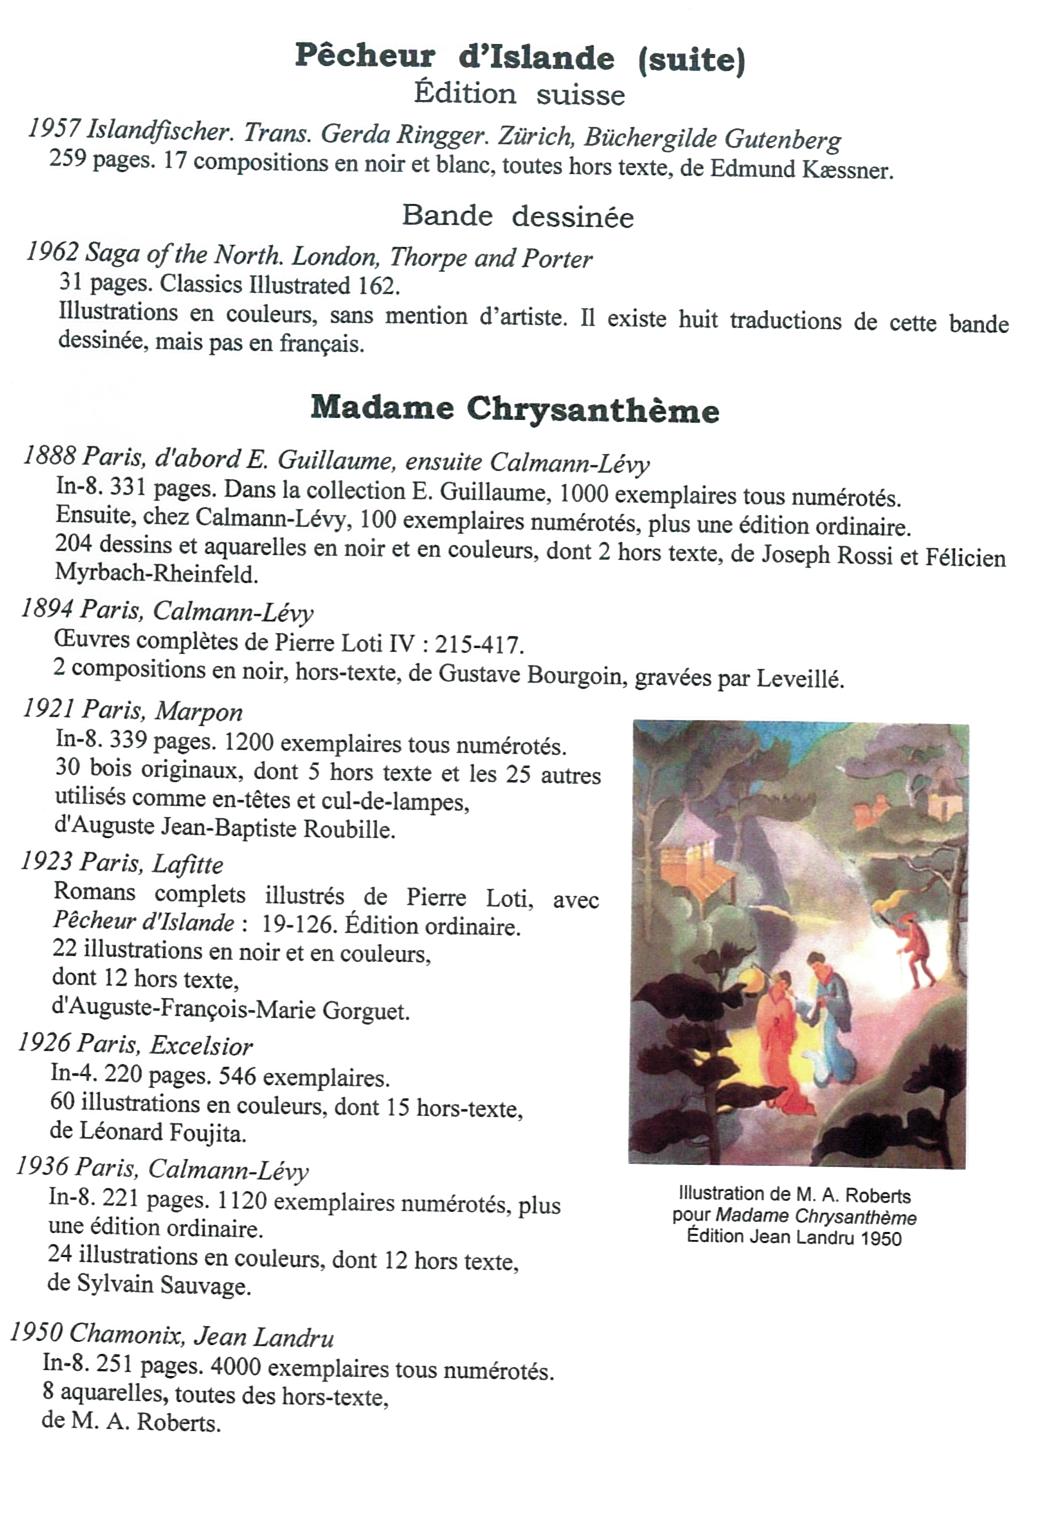 Editions illustrées 8